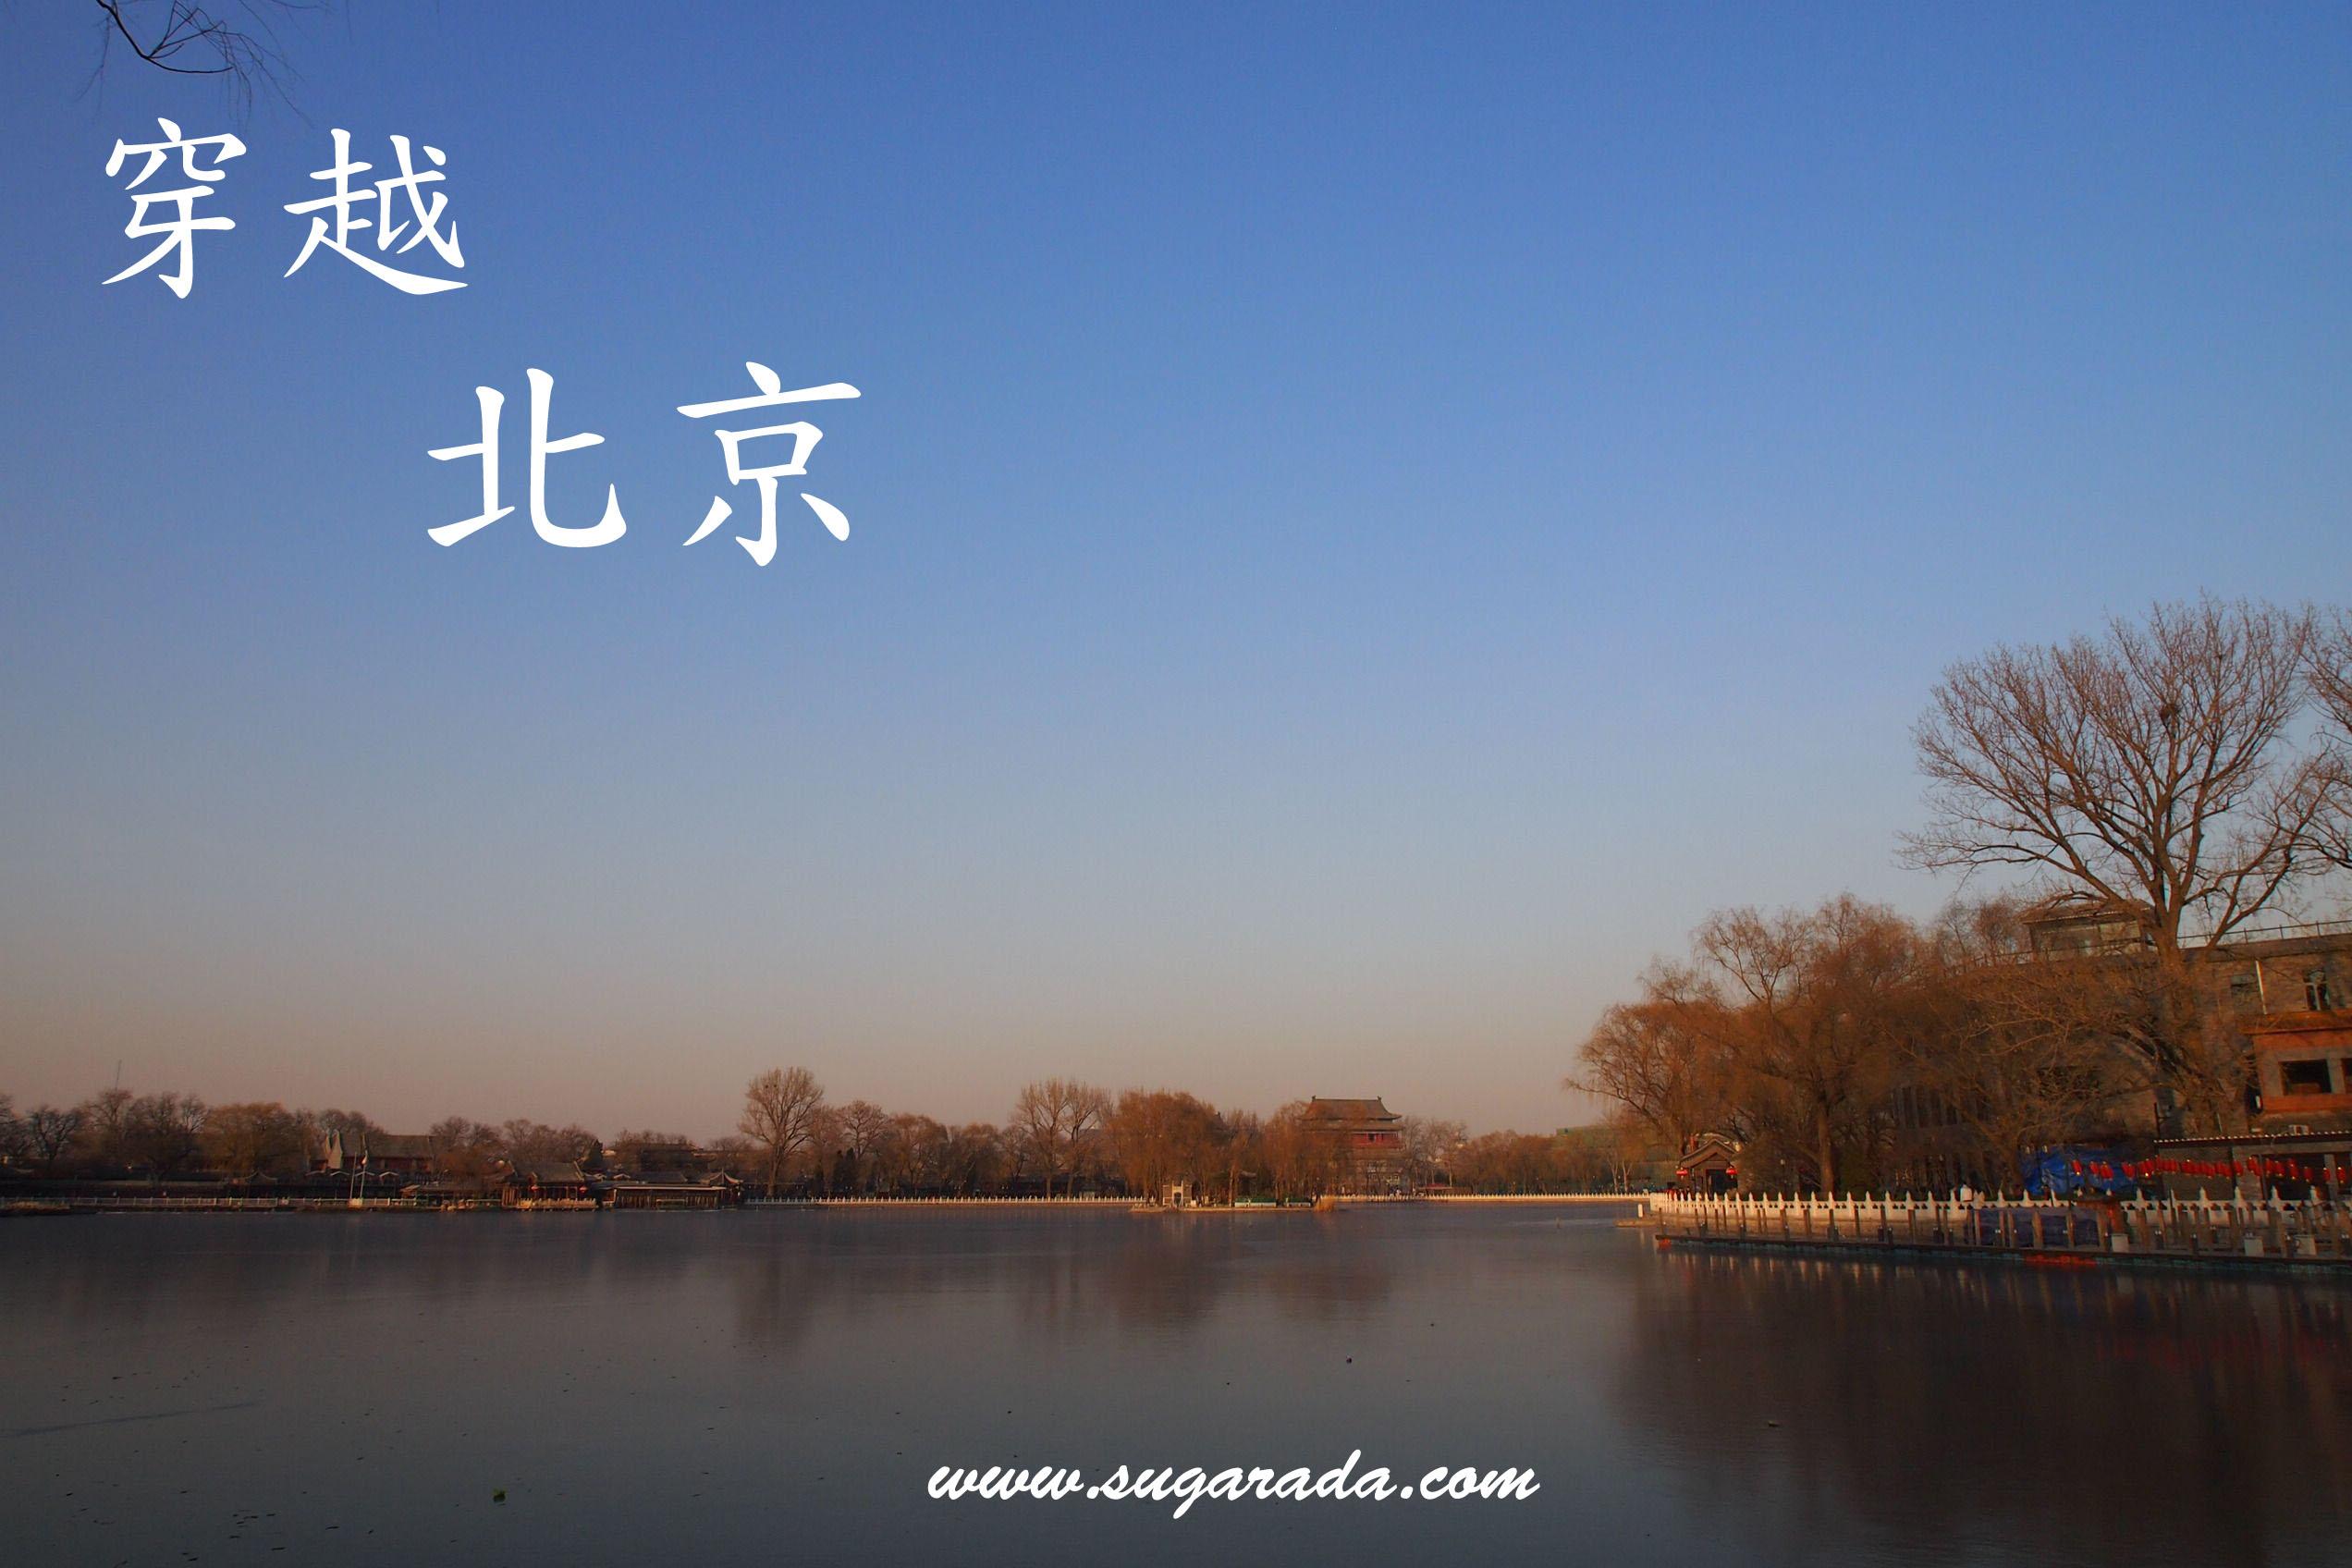 旅遊|穿越北京 結了冰的什剎海 2013